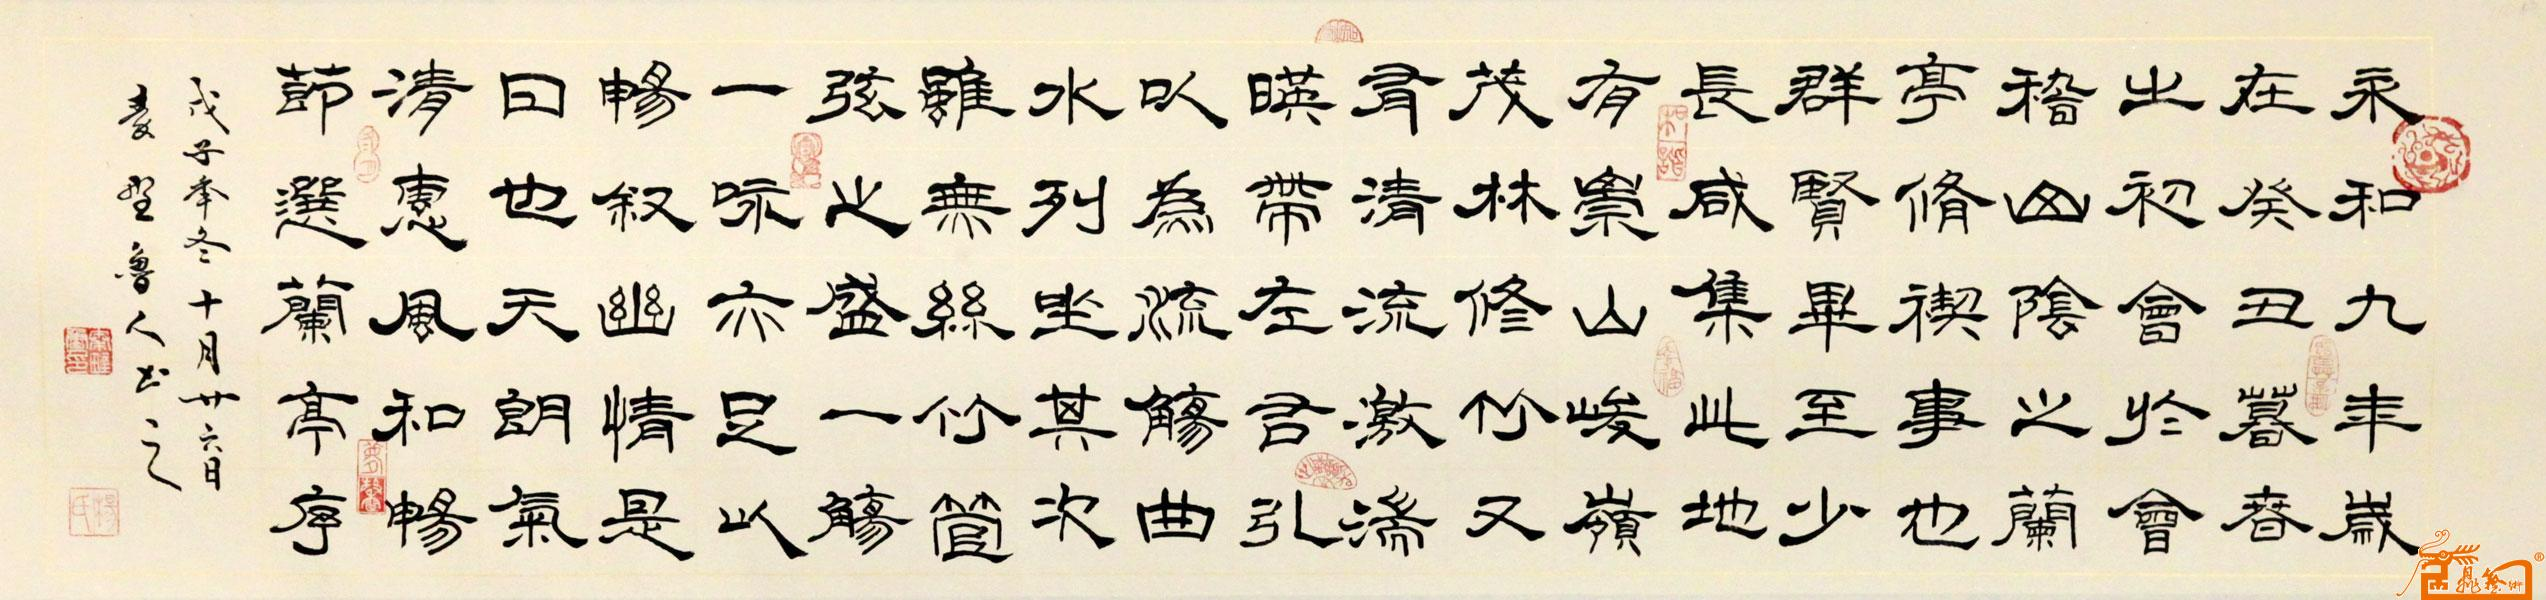 隶书节书王羲之《兰亭序》图片